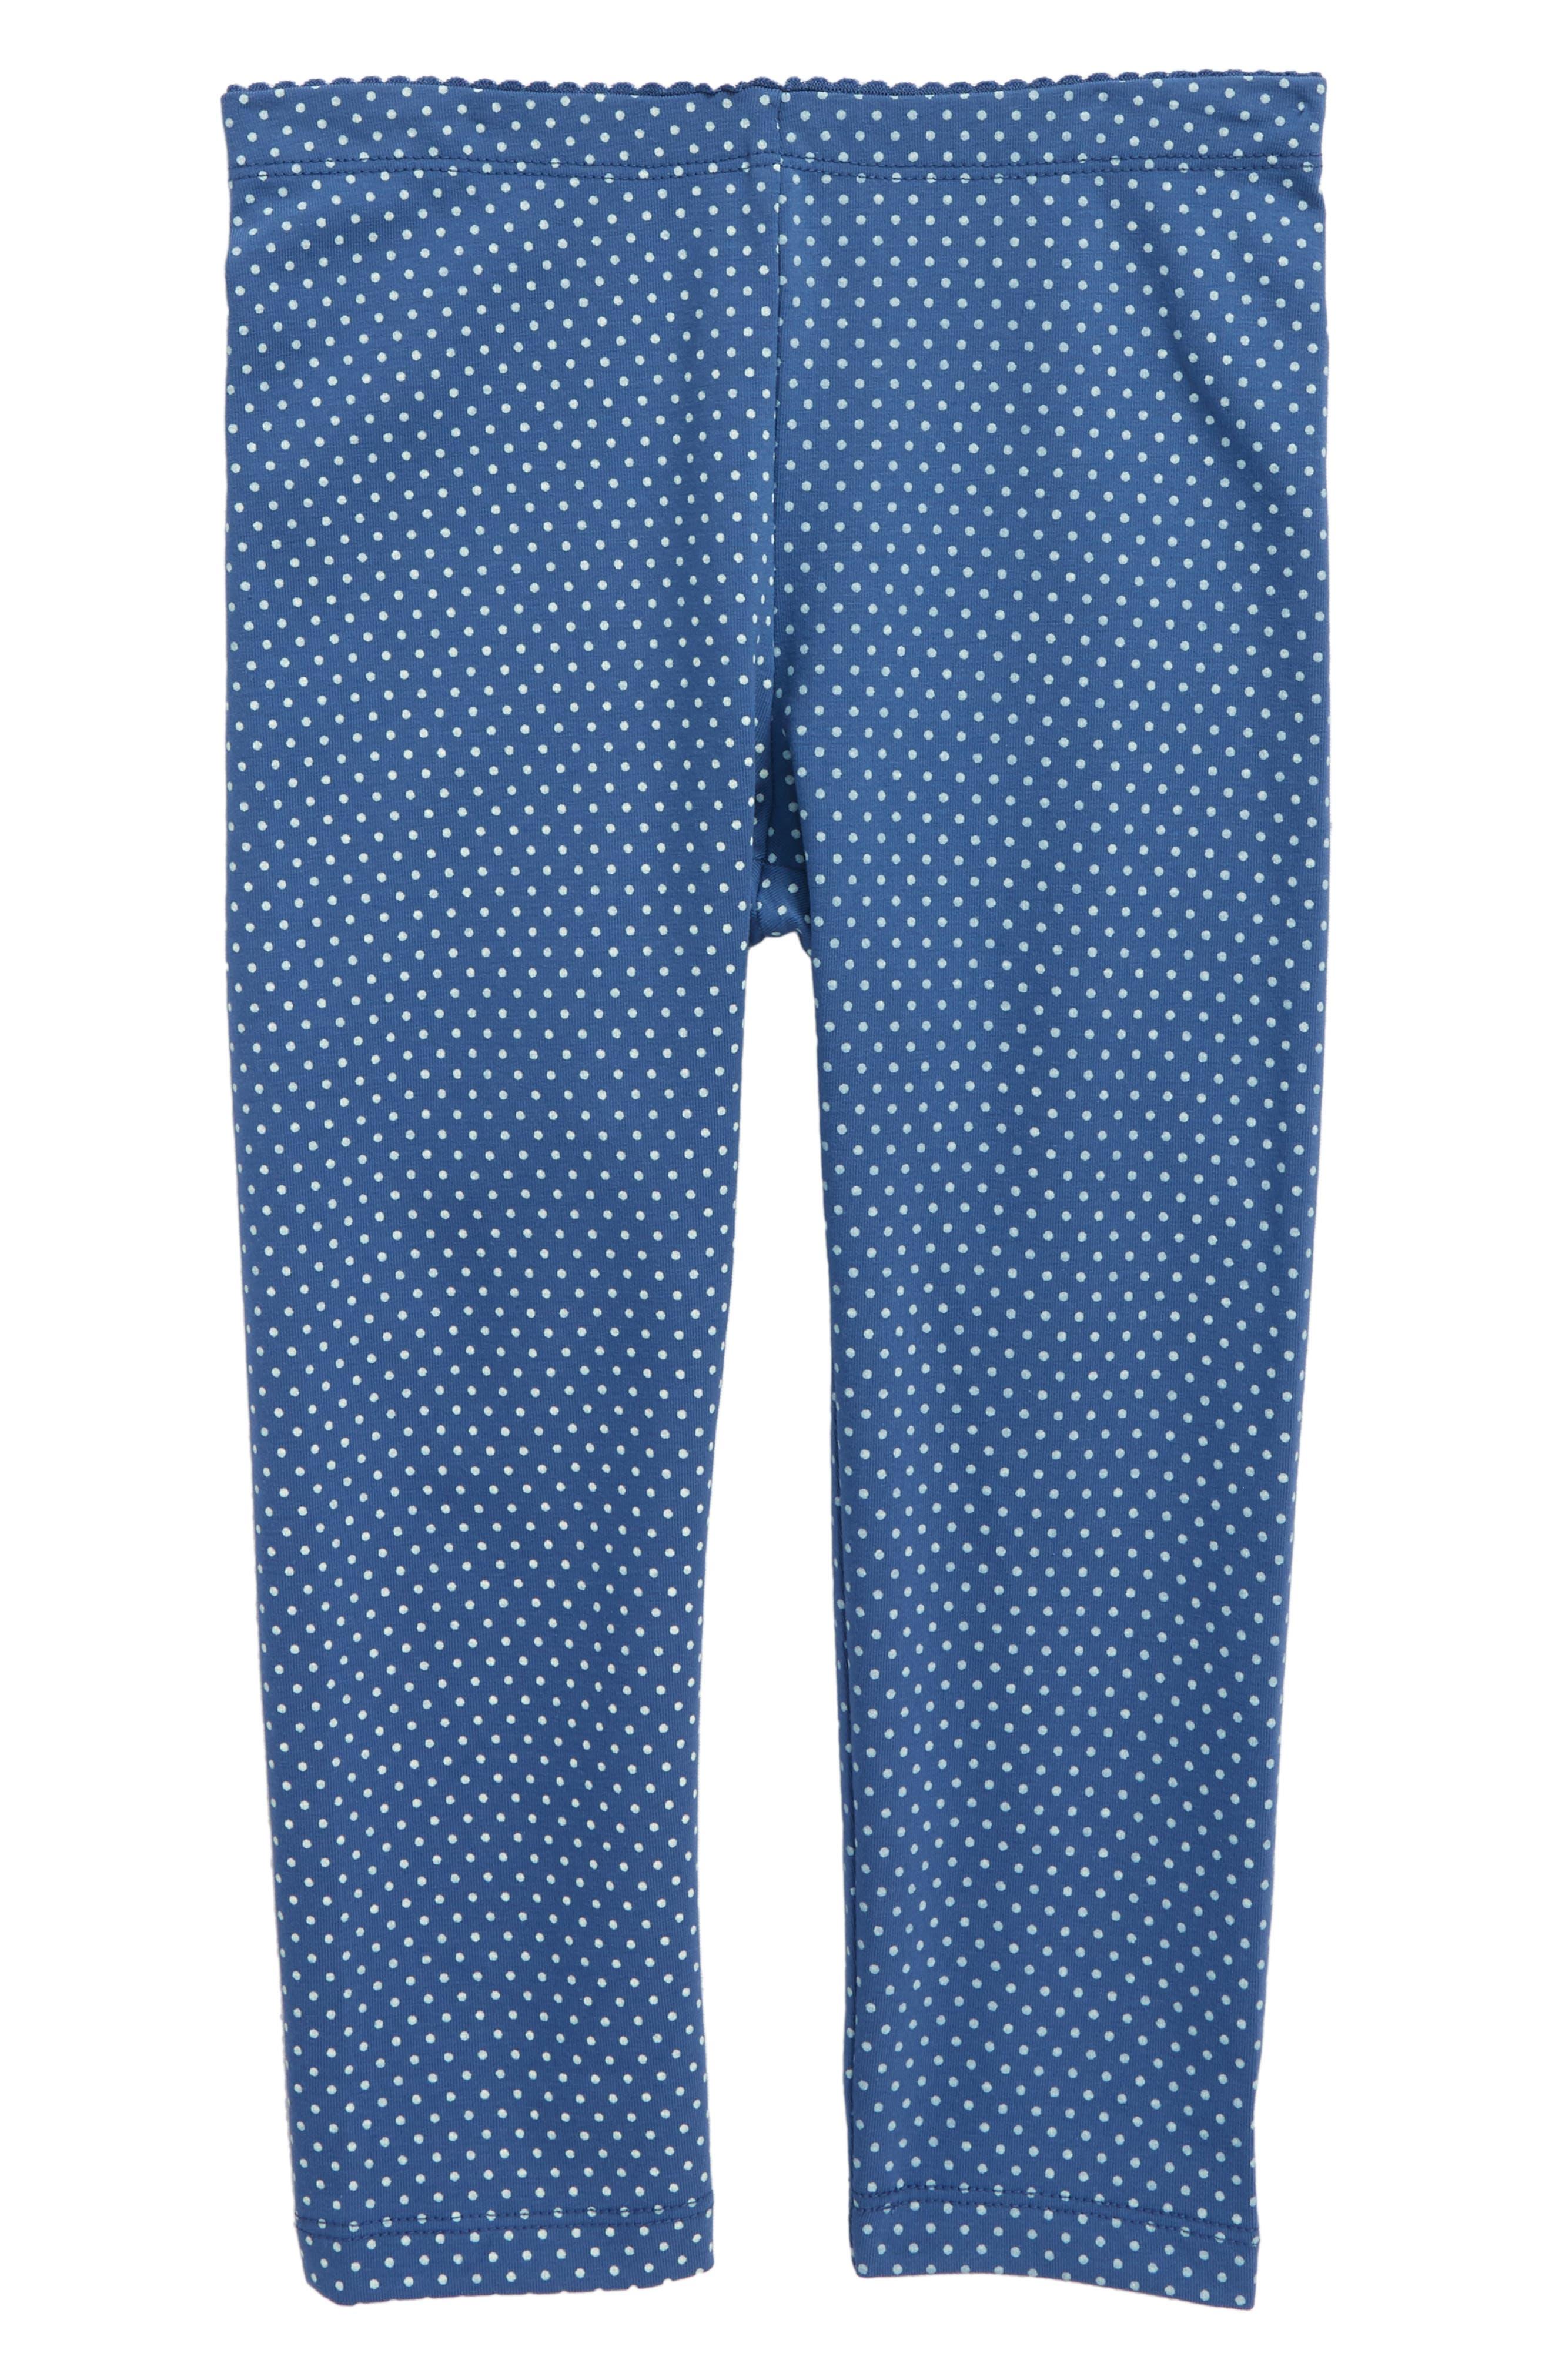 Pin Dot Capri Leggings,                         Main,                         color, 415